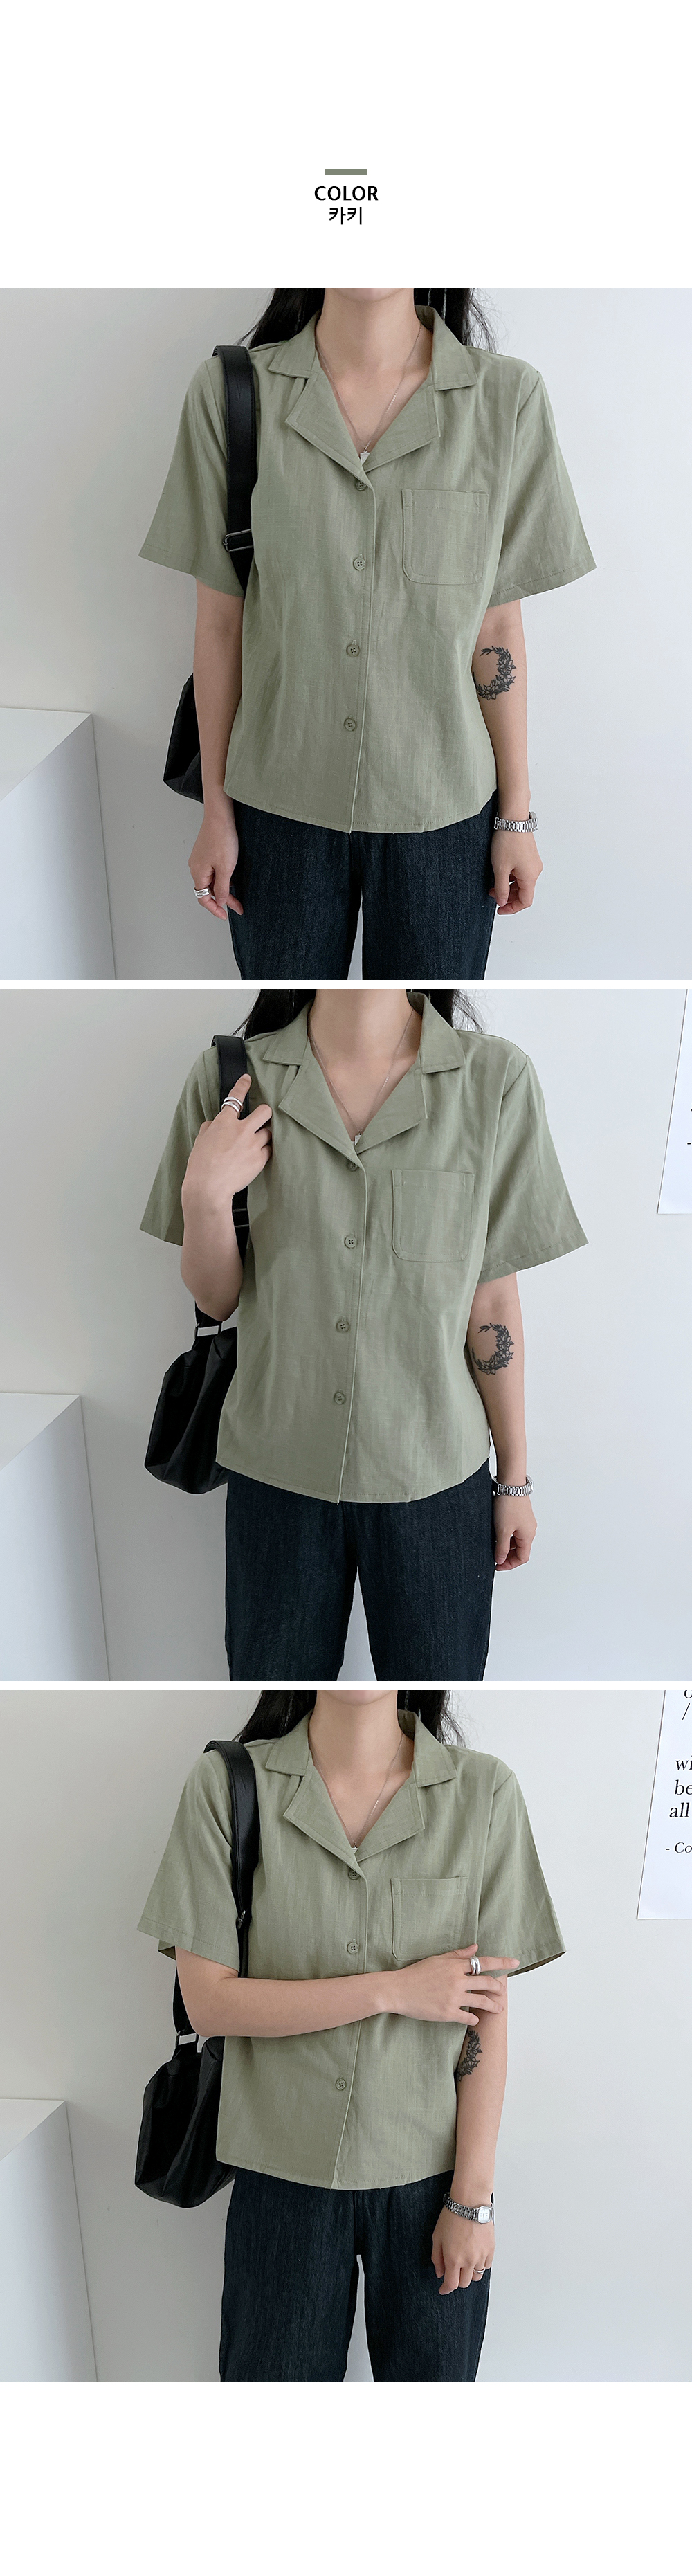 Natural Linen Short Sleeve Shirt Shirt